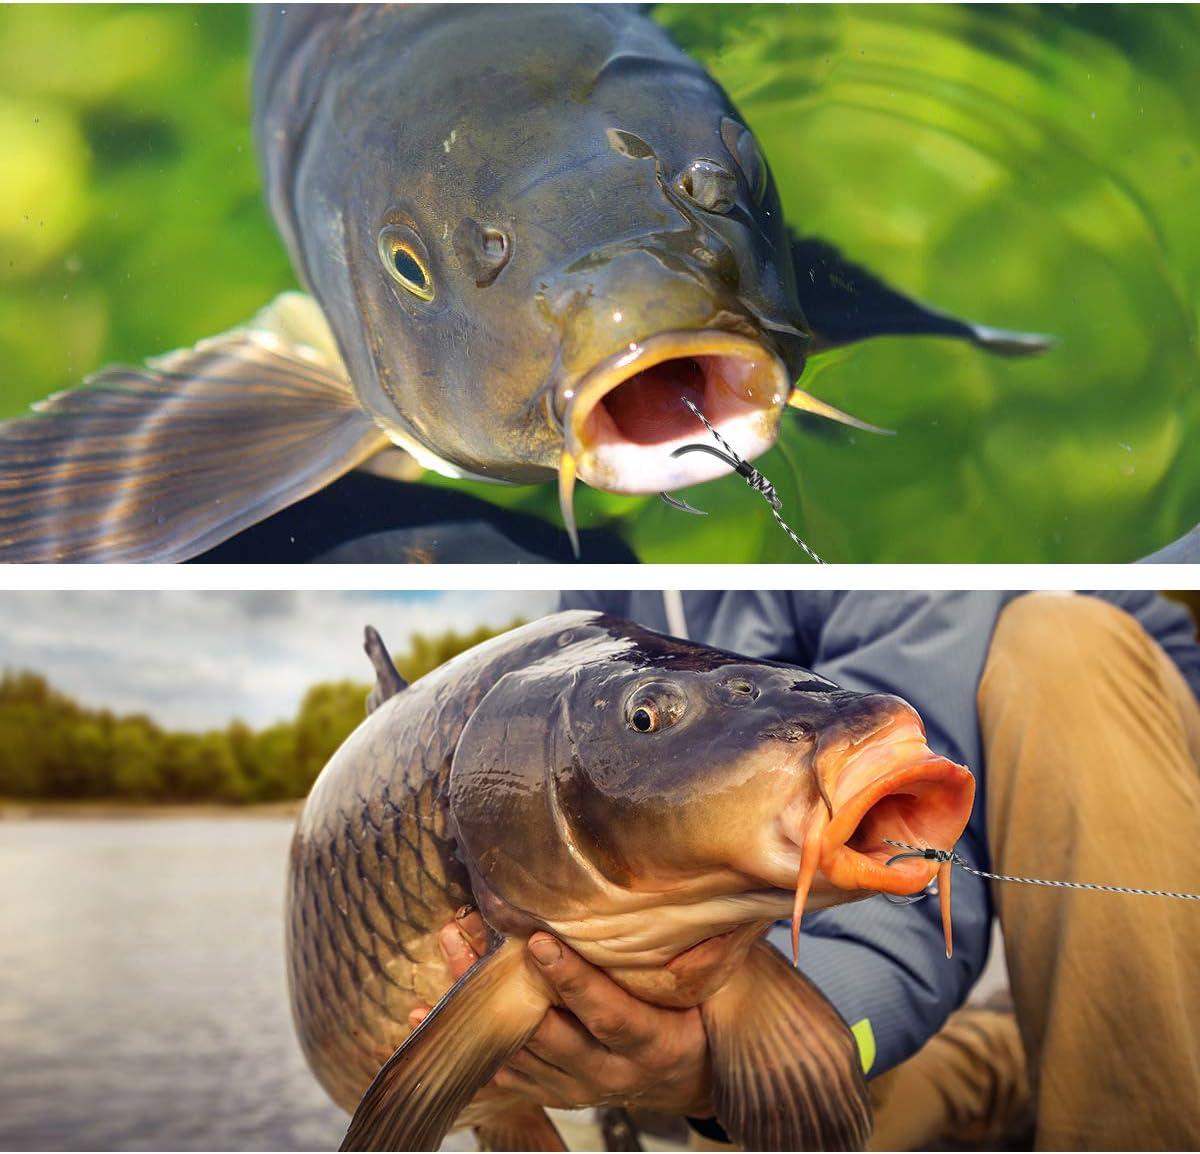 8 Luroad Misura 2 ami curvi spinati per Pesca alla Carpa Filo Intrecciato con 3 Carte di Esche 4 Set per Pesca alla Carpa Fermi manubri e ago per Stringer 20 Pezzi Anti-groviglio 6